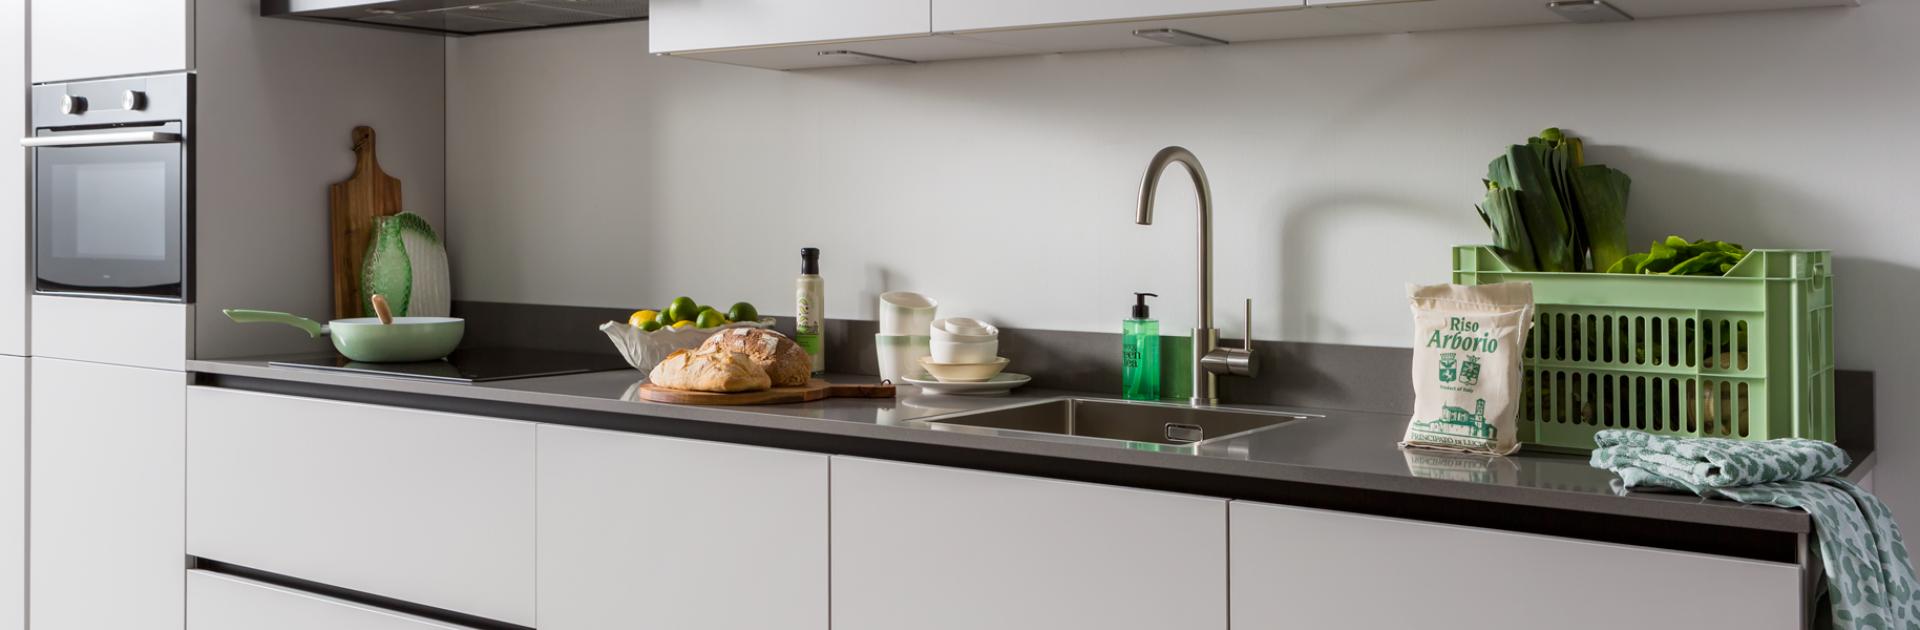 Witte Keuken Stijlvol En Tijdloos Keuken Inspiratie Eigenhuis Keukens